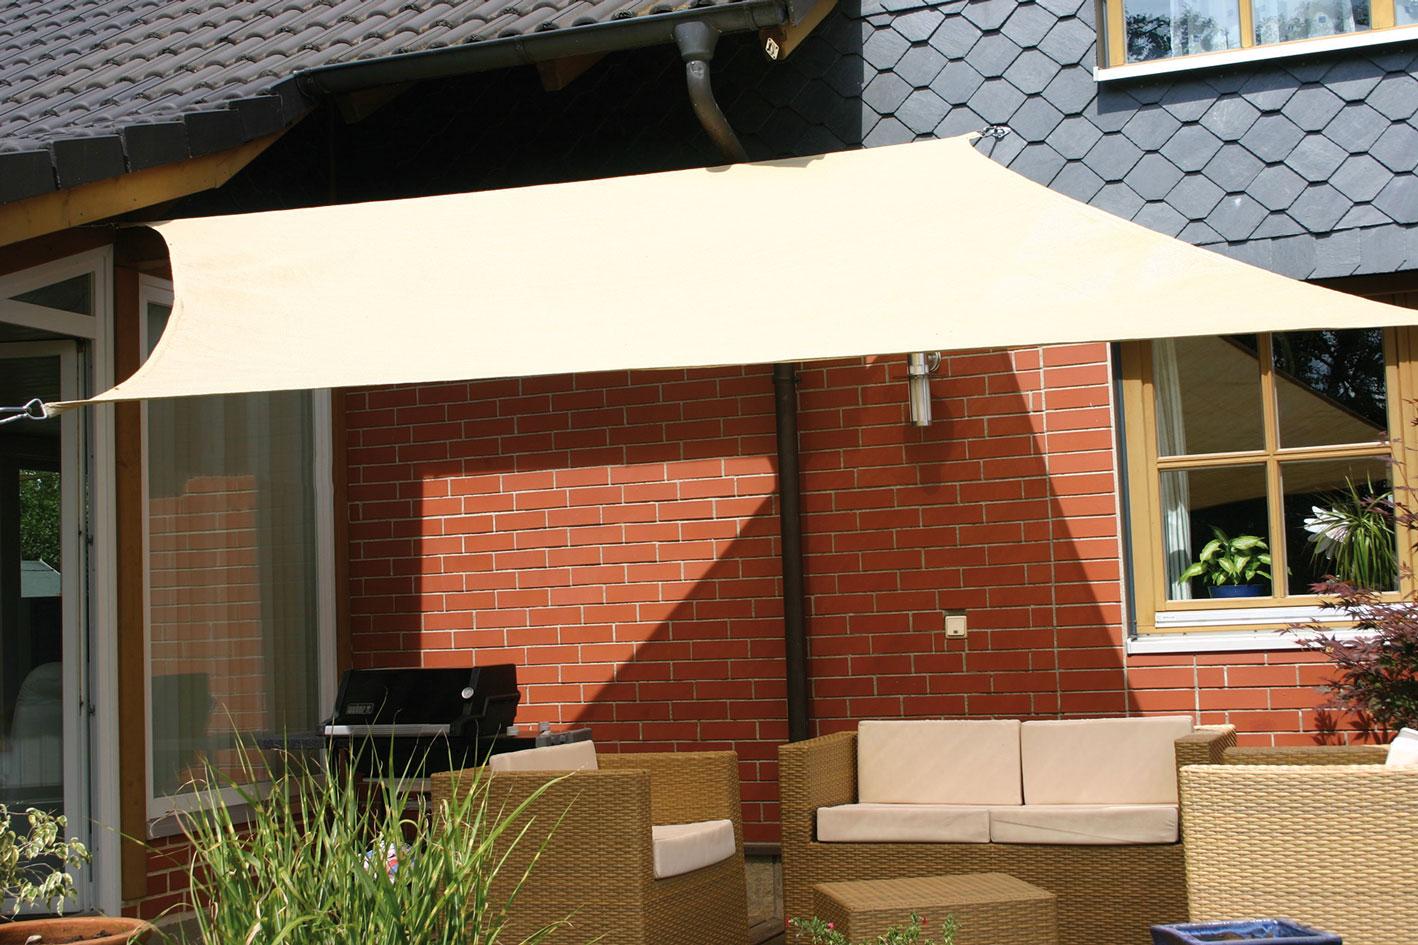 Sonnensegel 3 x 3 m HDPE Gewebe Sitzhöhe: 33 cm Gewicht: 3 kg belastbar bis 75 kg (pro Bank)